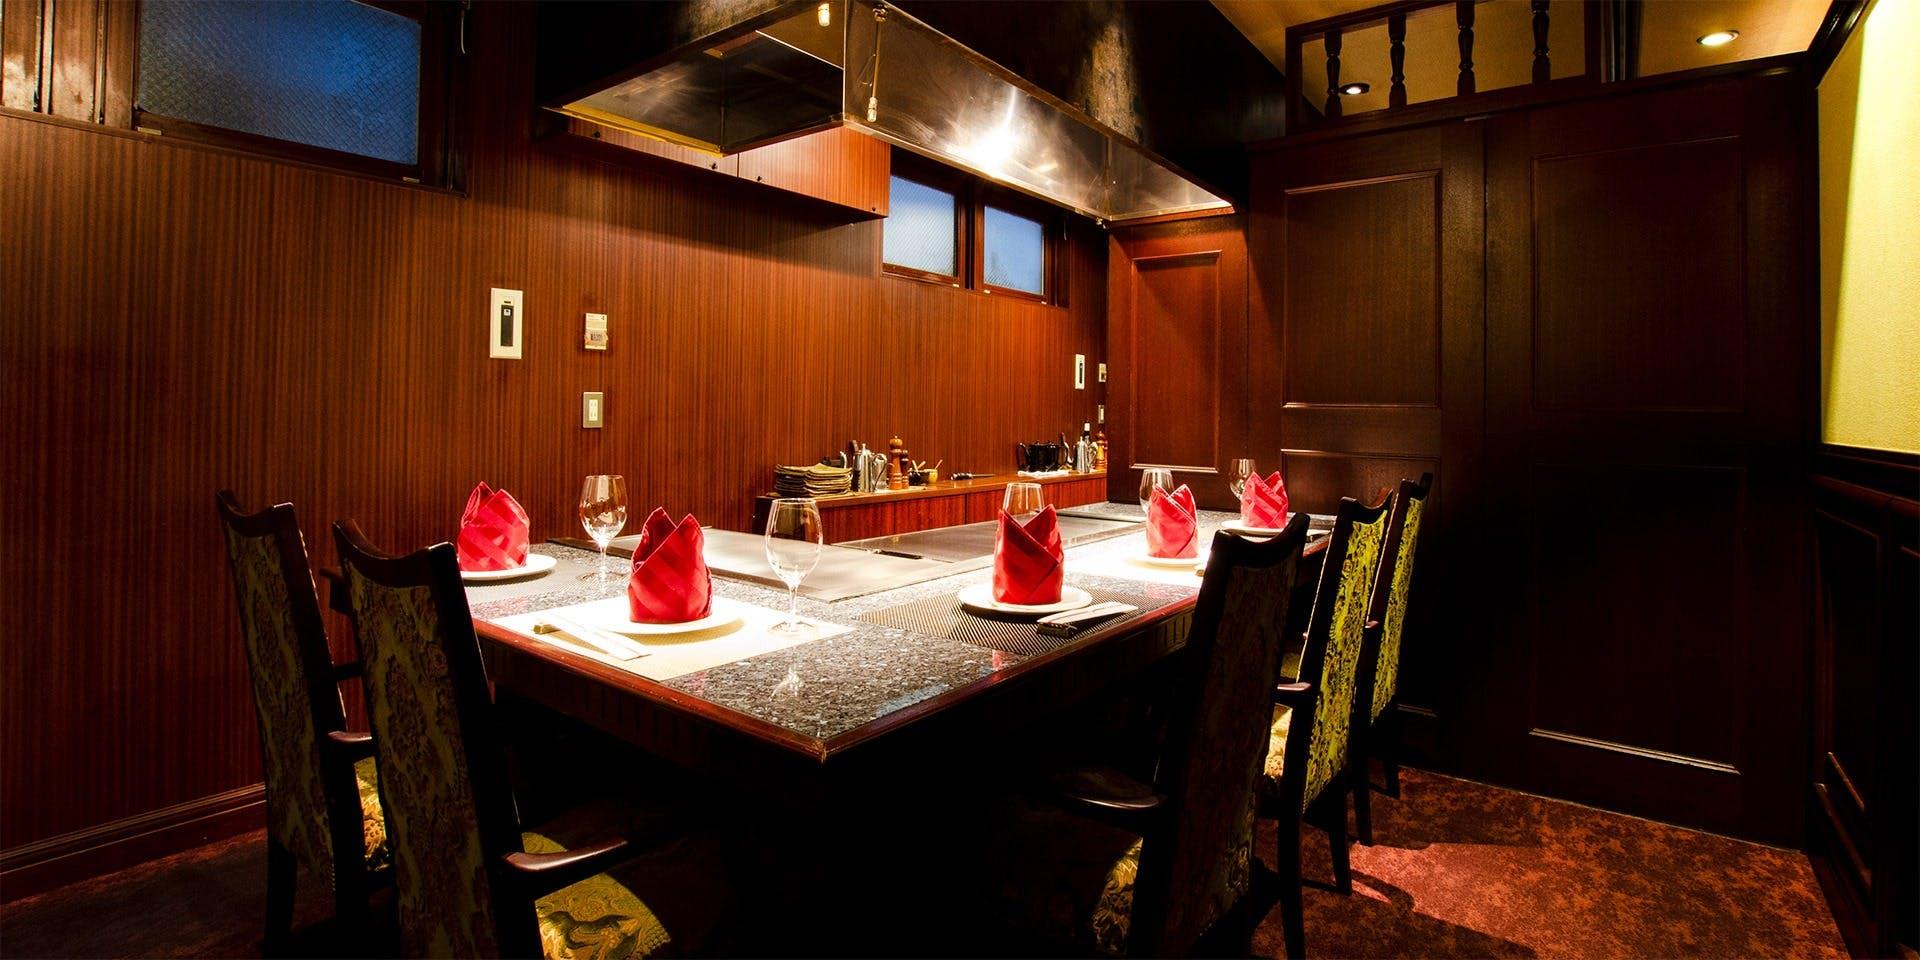 記念日におすすめのレストラン・神戸ステーキレストラン ロイヤルモーリヤの写真1